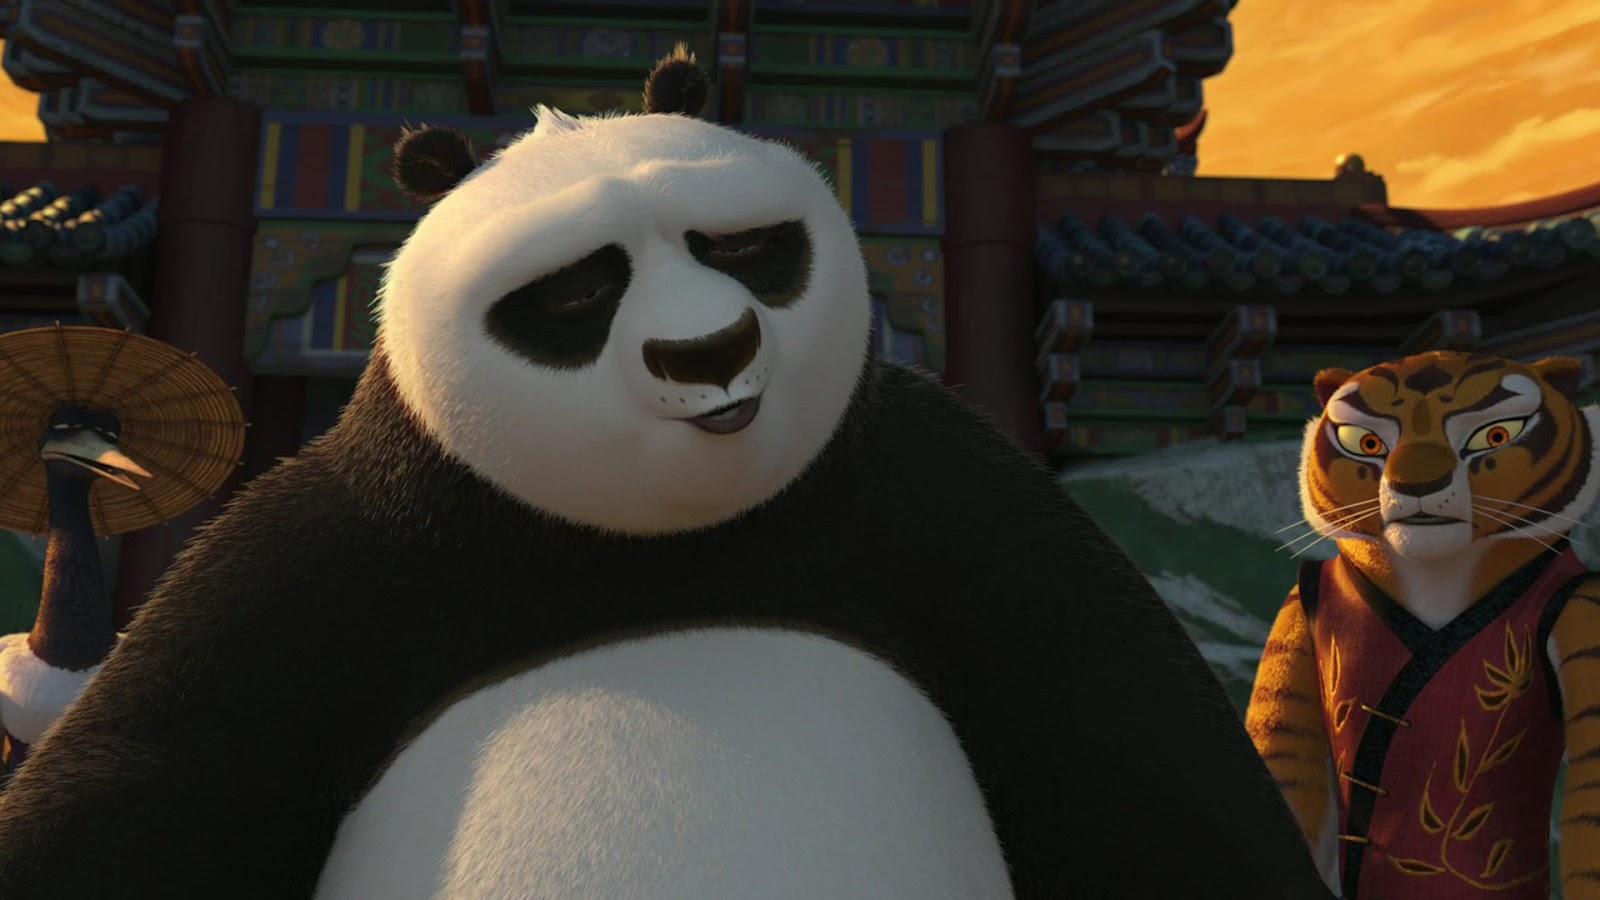 http://1.bp.blogspot.com/-ISfyAoDOk5I/UBH9B7KvYnI/AAAAAAAAC6o/B3XvdsIScg8/s1600/kung-fu-panda-2-103.jpg